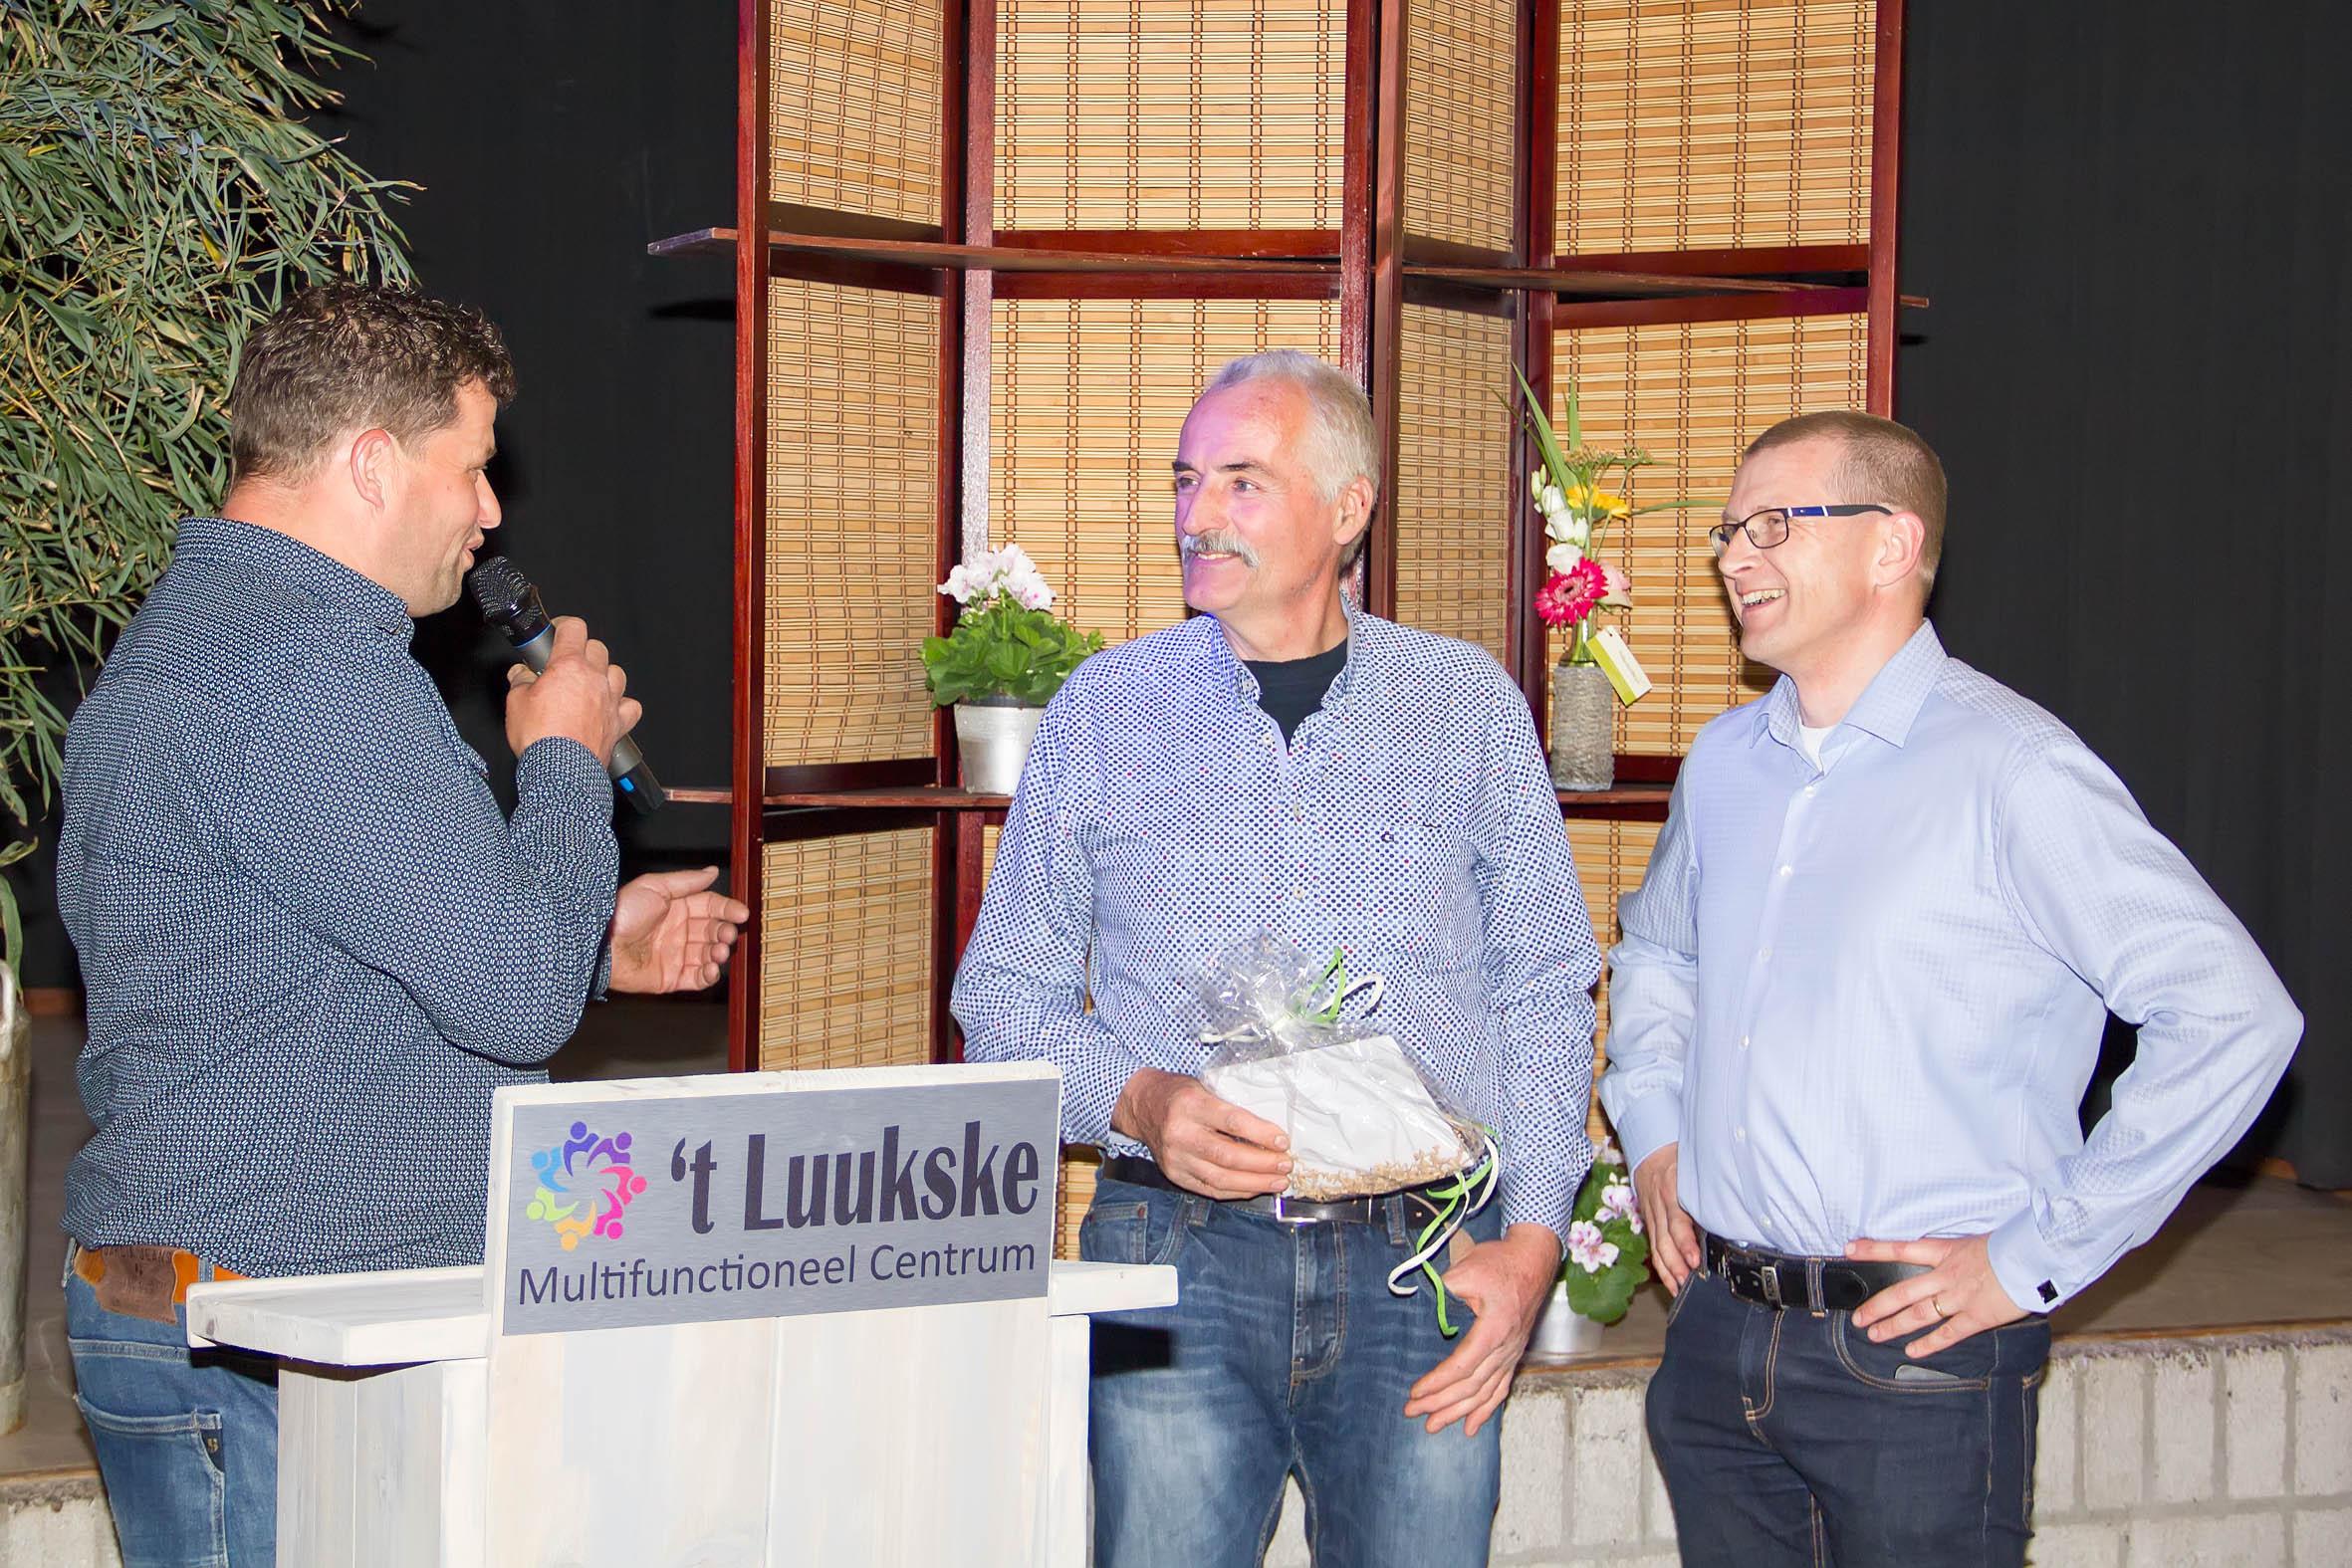 Opening Luukske 3.0